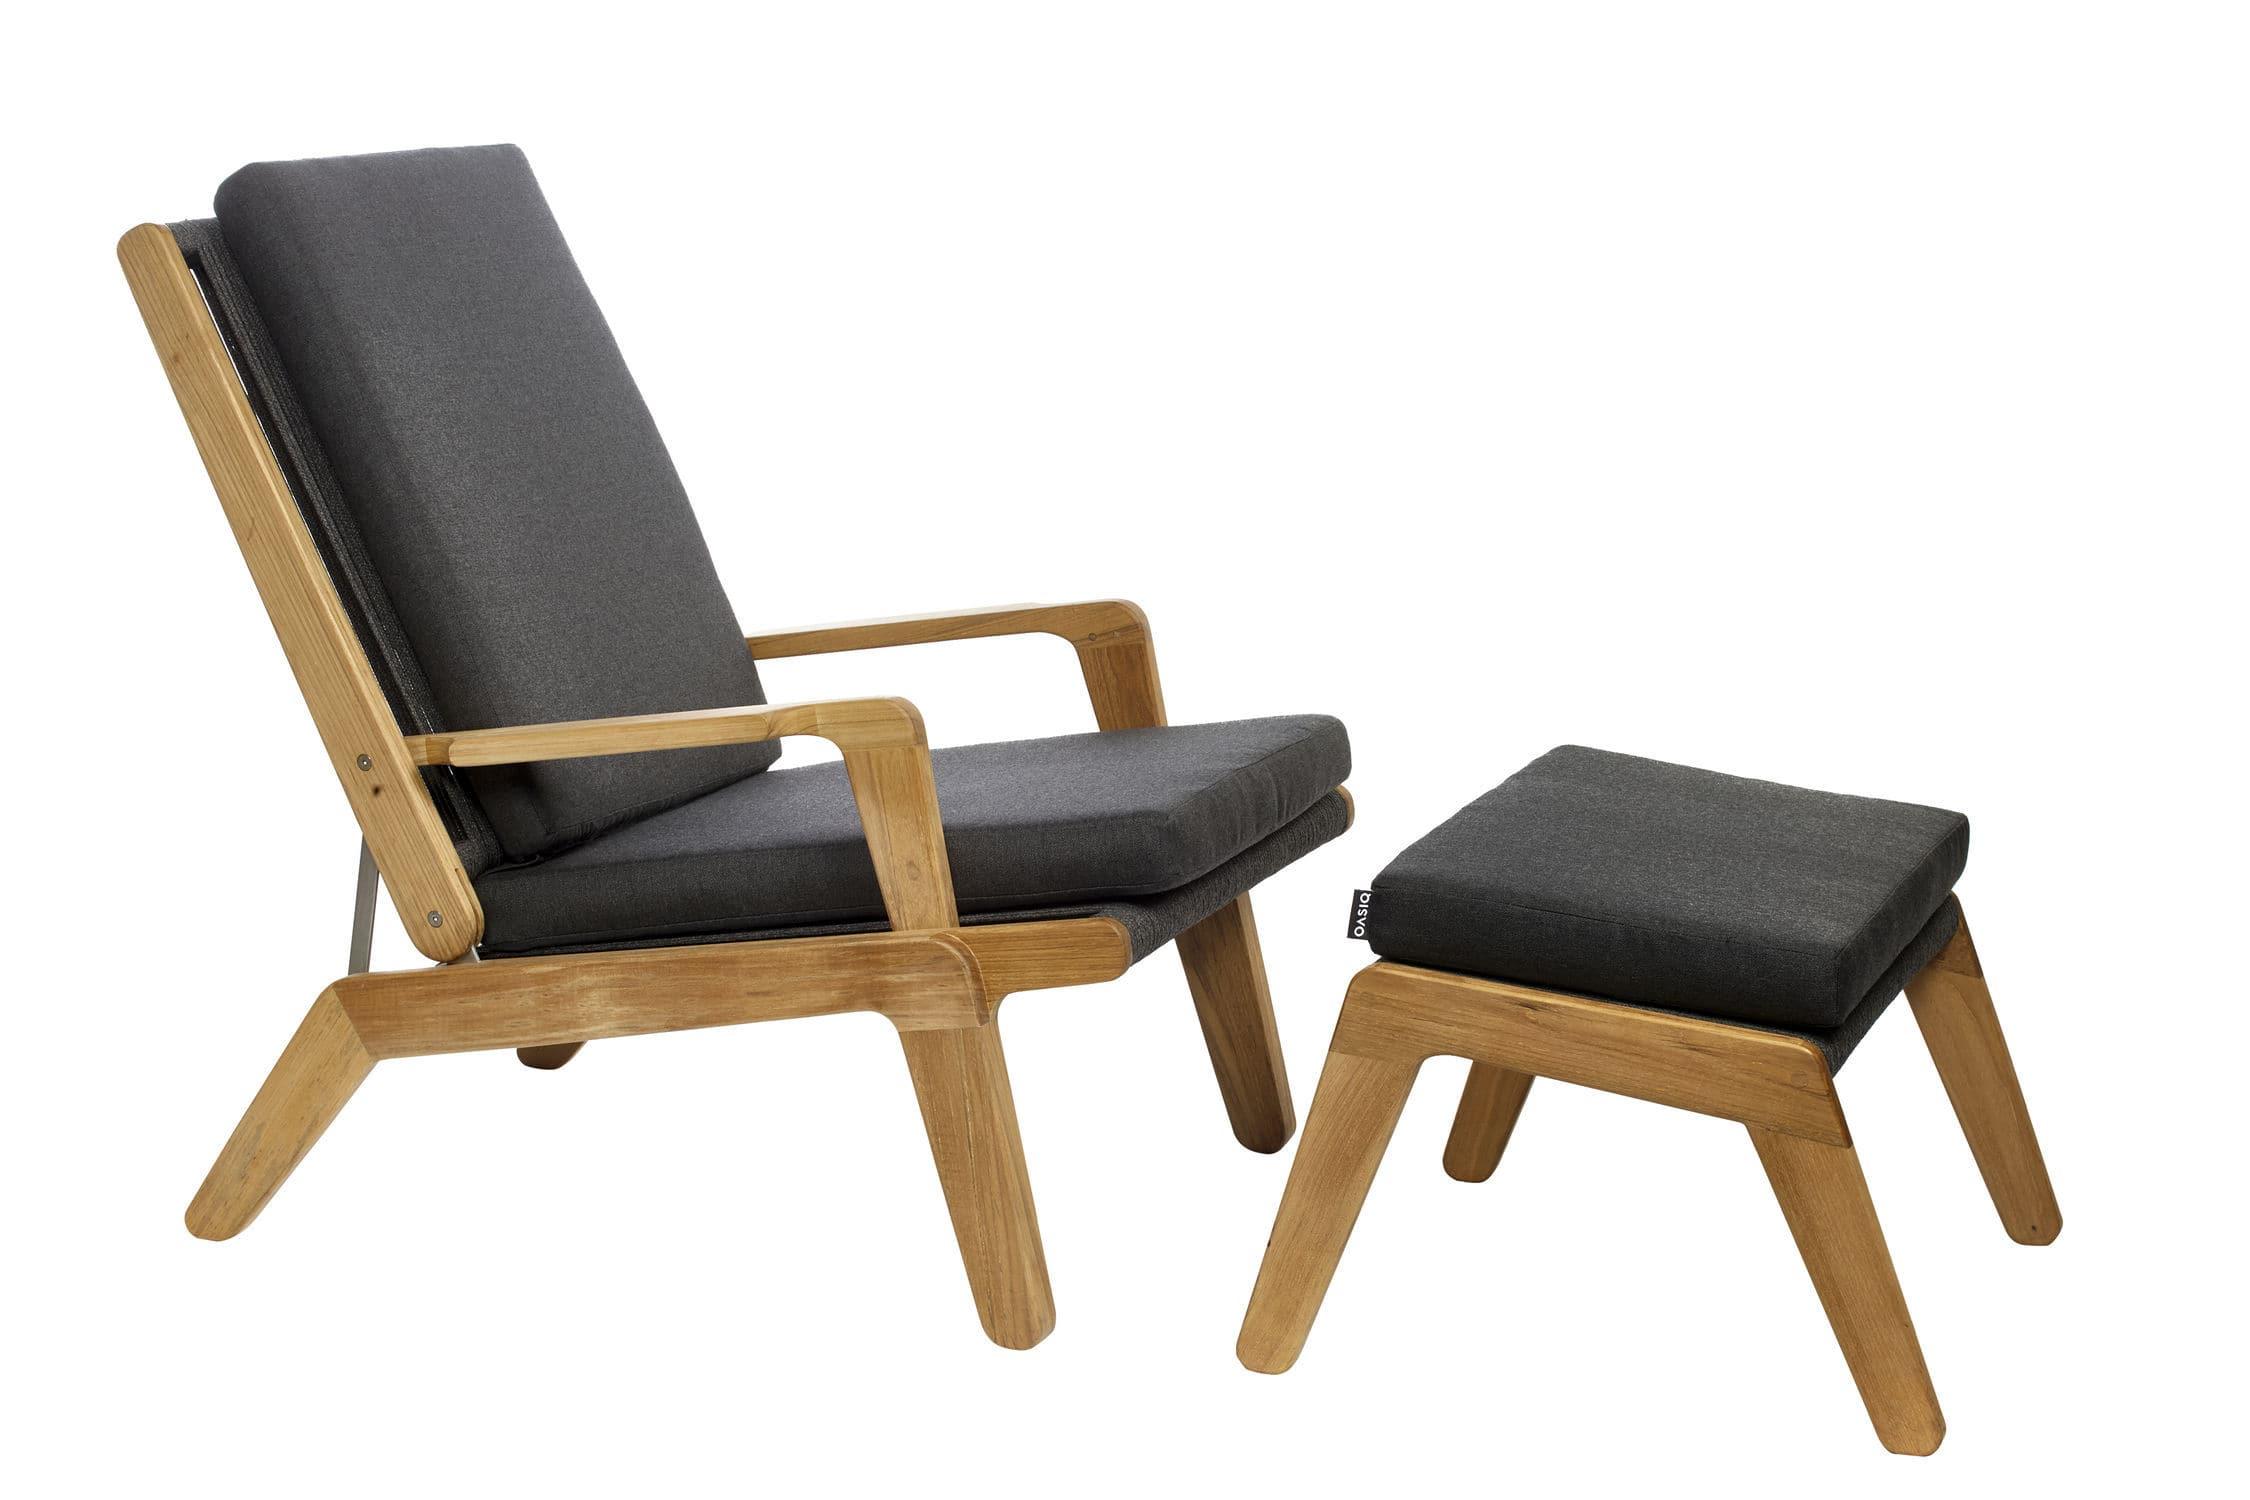 fauteuil design scandinave en teck avec repose pieds dossier inclinable - Fauteuil Scandinave Avec Repose Pied